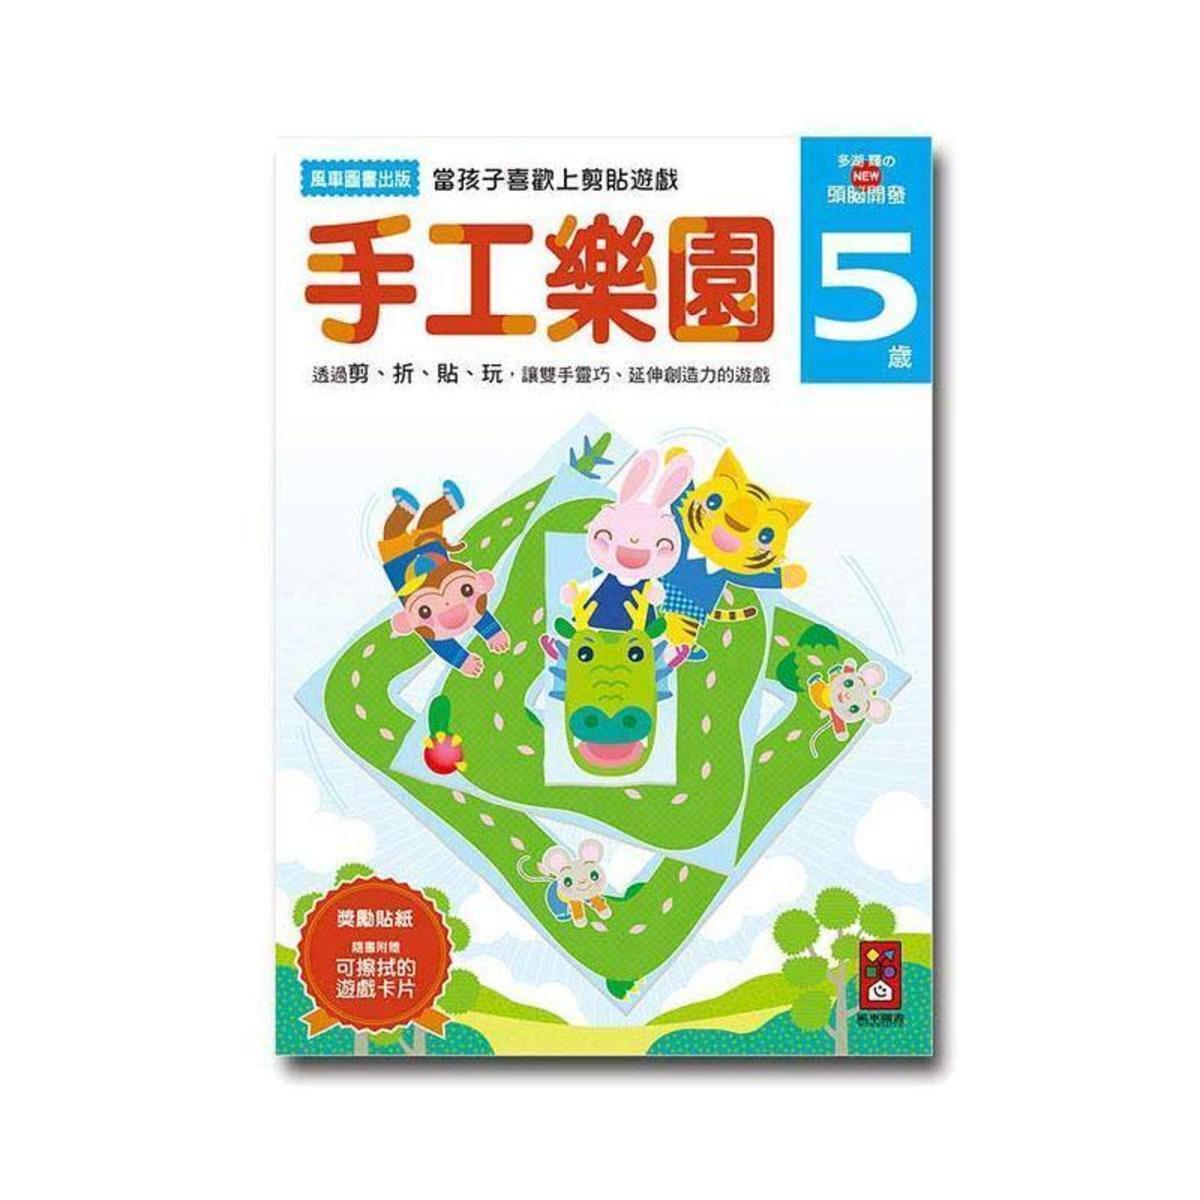 手工樂園5歲多湖輝的NEW頭腦開發 台灣進口